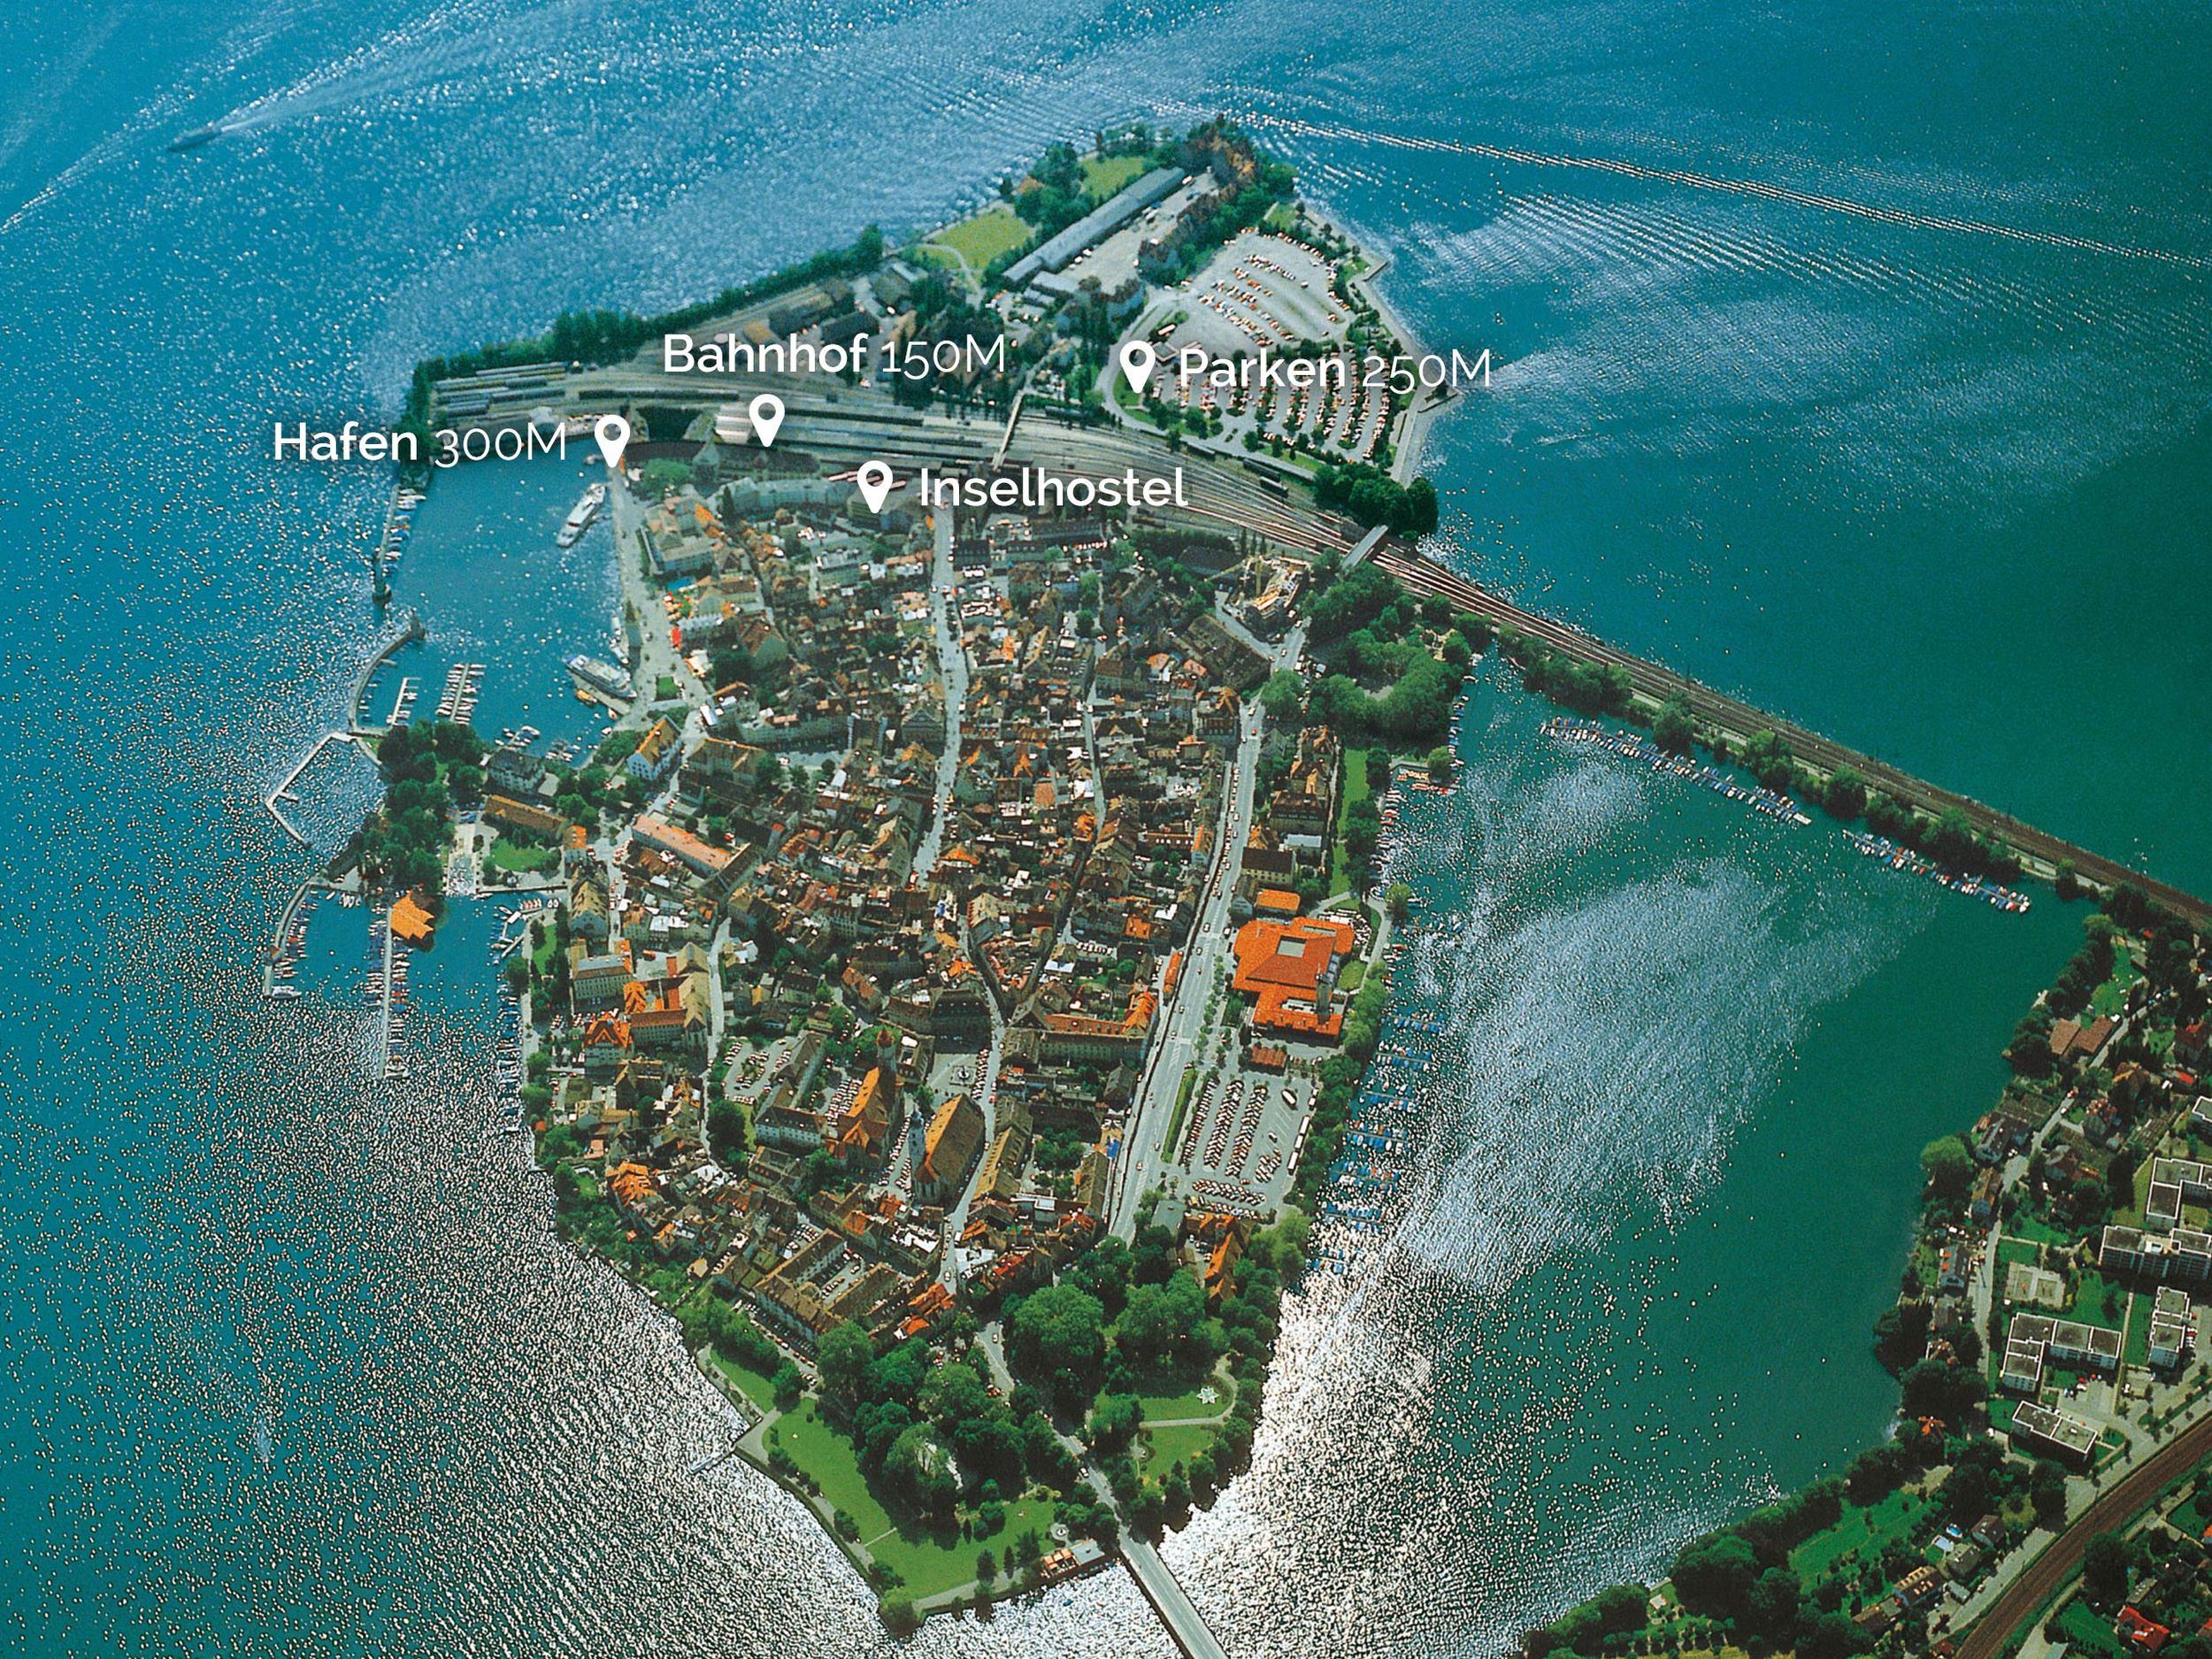 Insel Hostel Lindau - Top Lage mitten im Bodensee